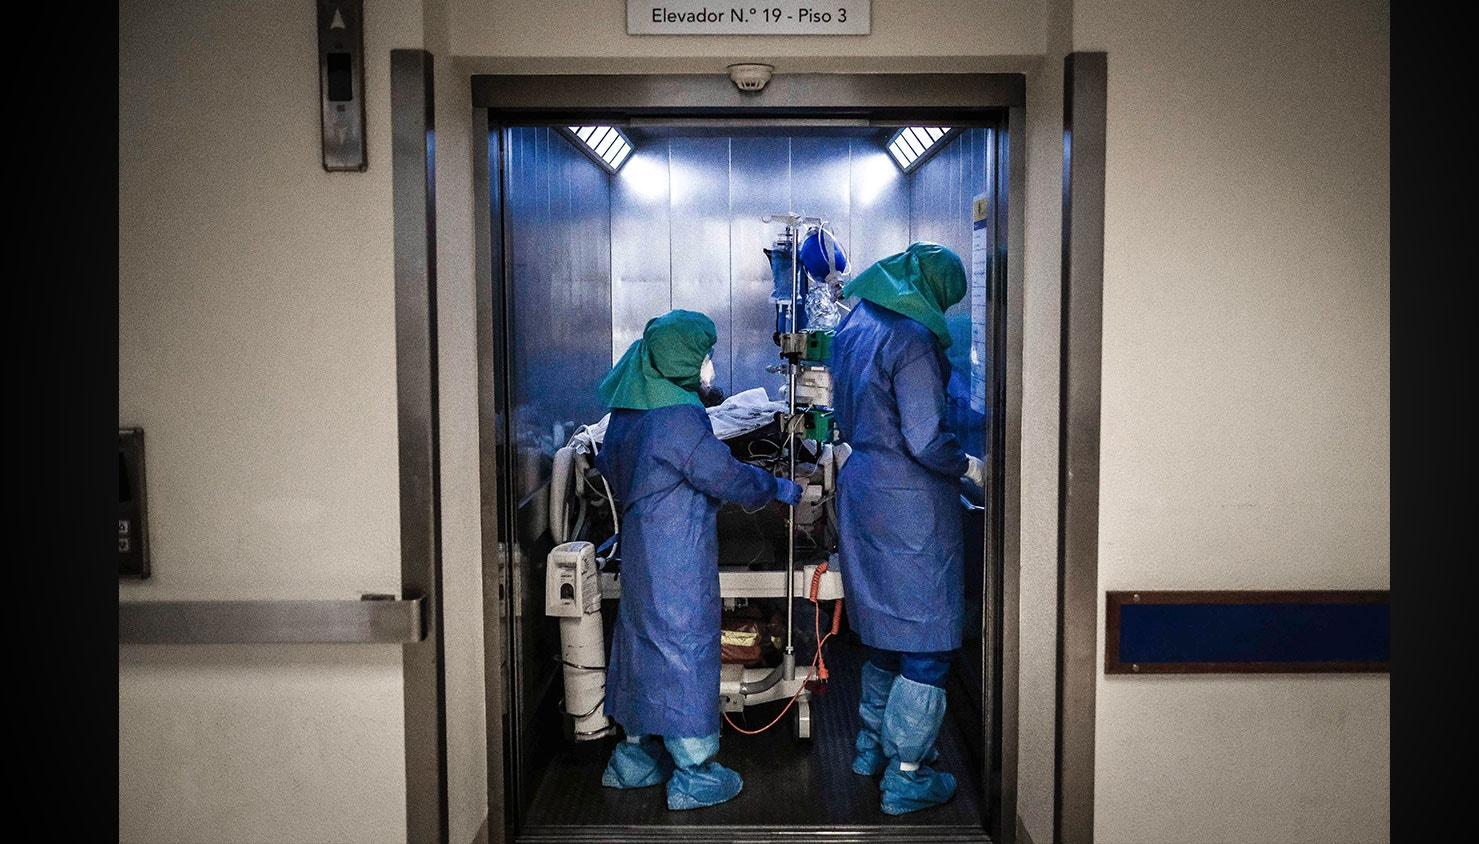 Enfermeiros no interior de um elevador de acesso à Unidade de cuidados intensivos dos doentes com Covid-19. / Mário Cruz - Lusa